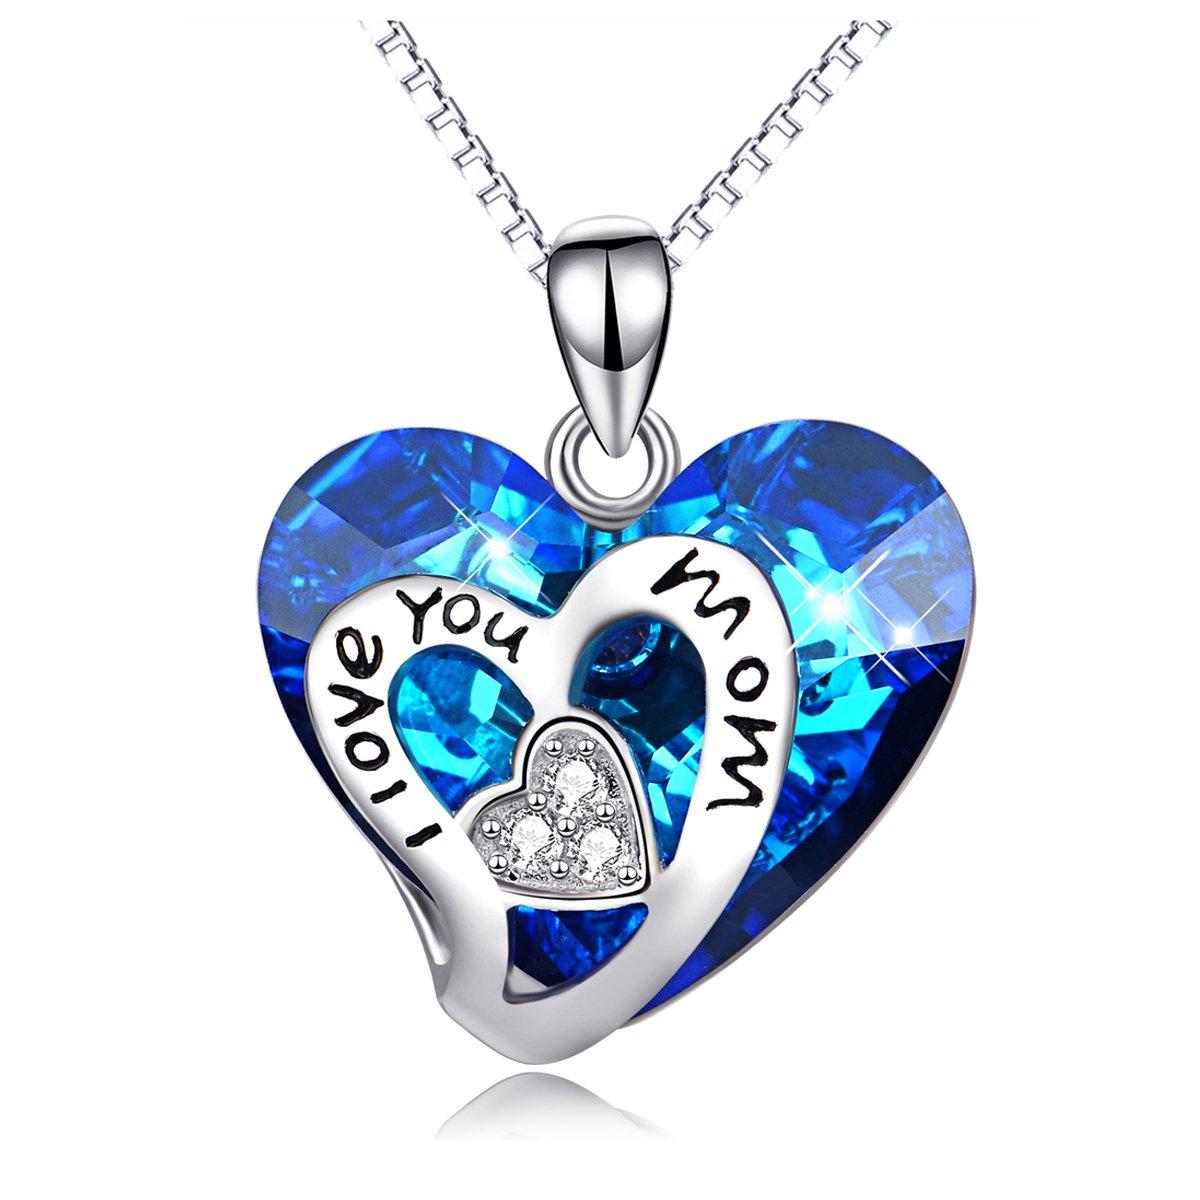 Argent Sterling I Love You Mom Cœur de Cristal Pendentif Collier pour la fête, Cadeaux, 45,7cm AOBOCO GNX13856